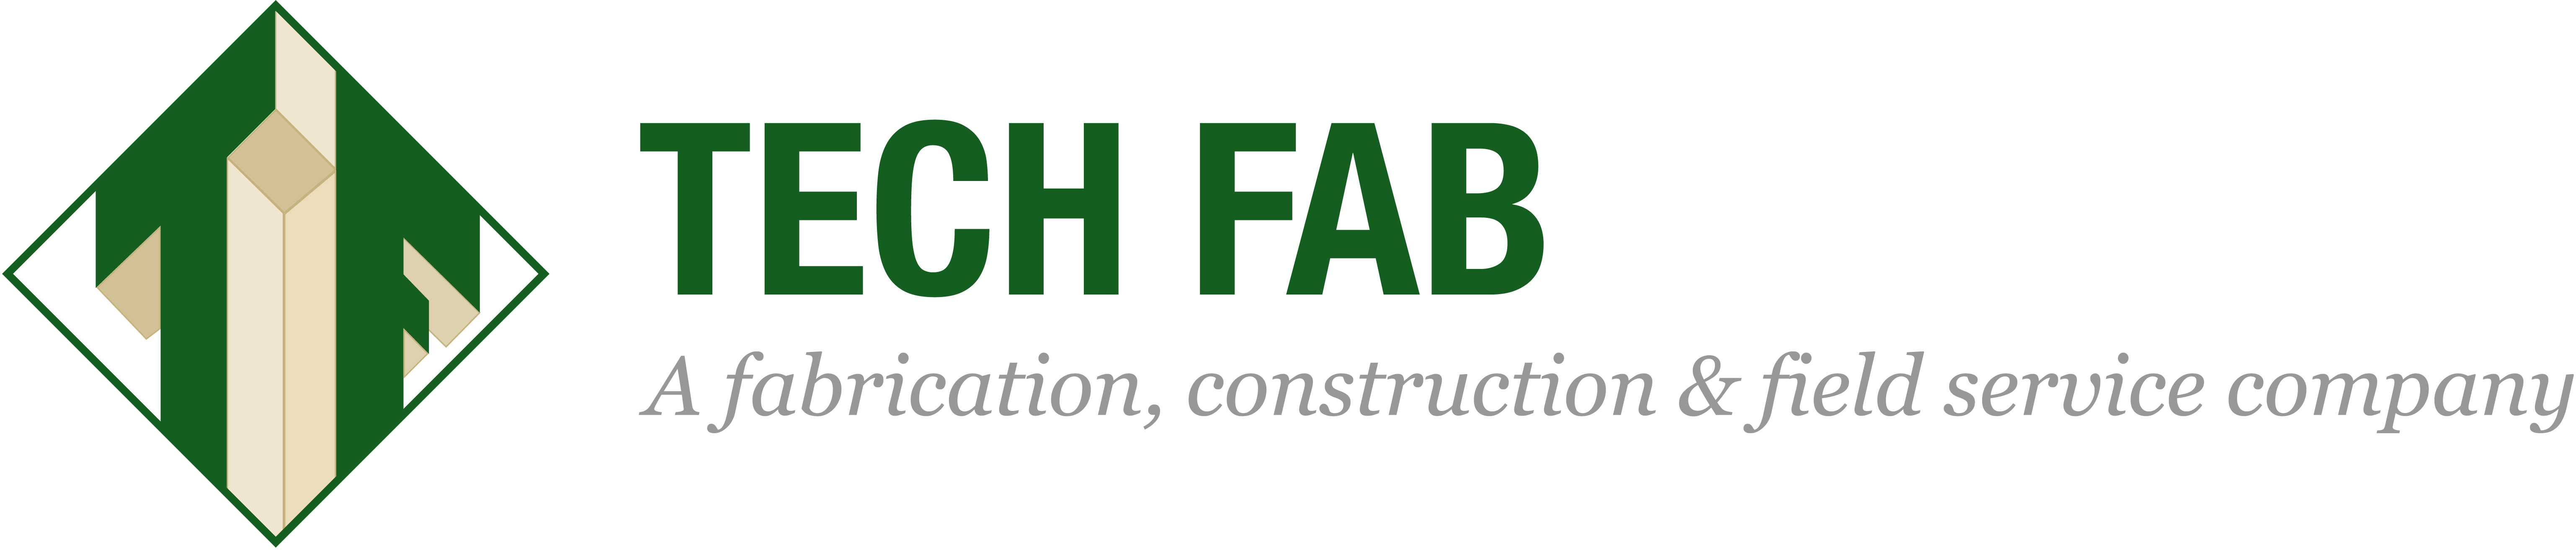 Tech Fab Logo